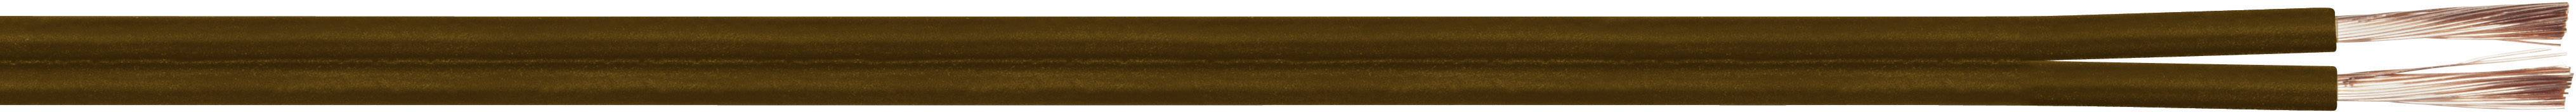 Opletenie / lanko LiY-Z LappKabel LiY-Z, 2 x 0.75 mm², hnedá, metrový tovar